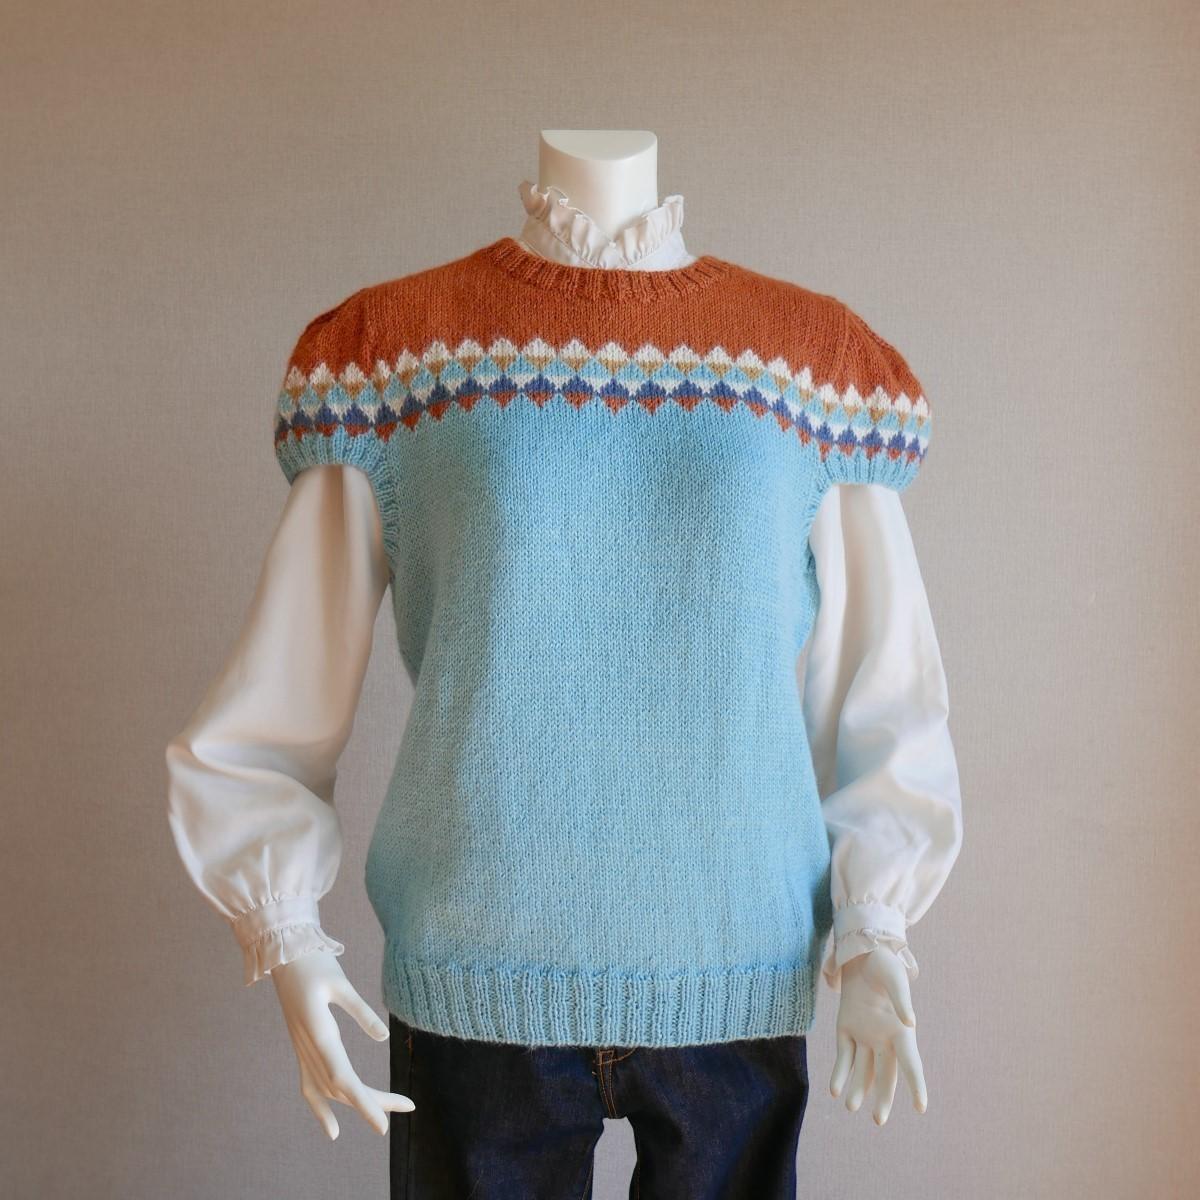 ピピ 手編みベスト 半袖セーター アルパカ 毛糸 てあみ天国 ニット